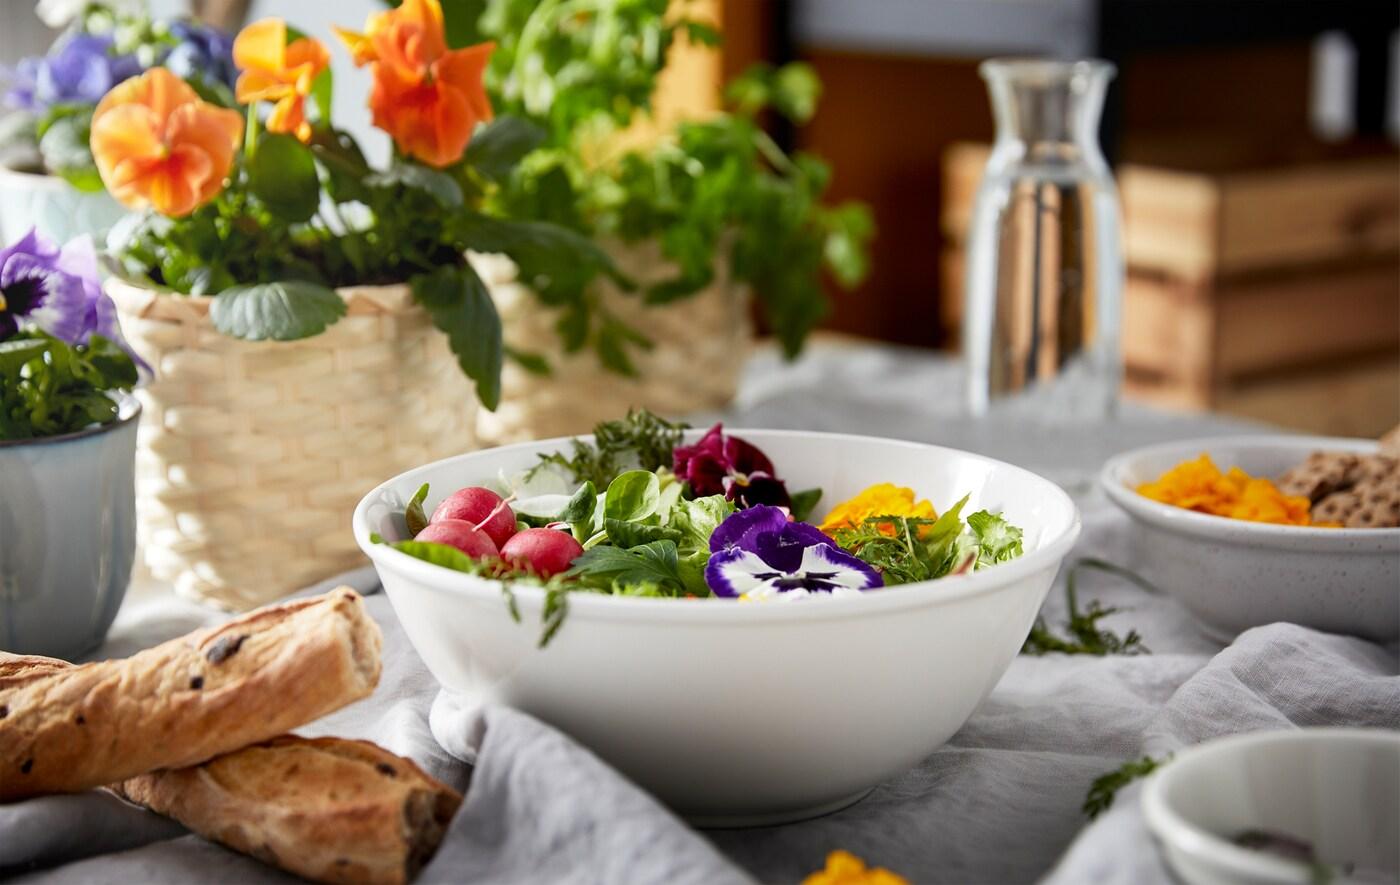 Ett frukostbord dukat med olika typer av bröd, blomkrukor och en skål med färgglatt garnerade grönsaker.